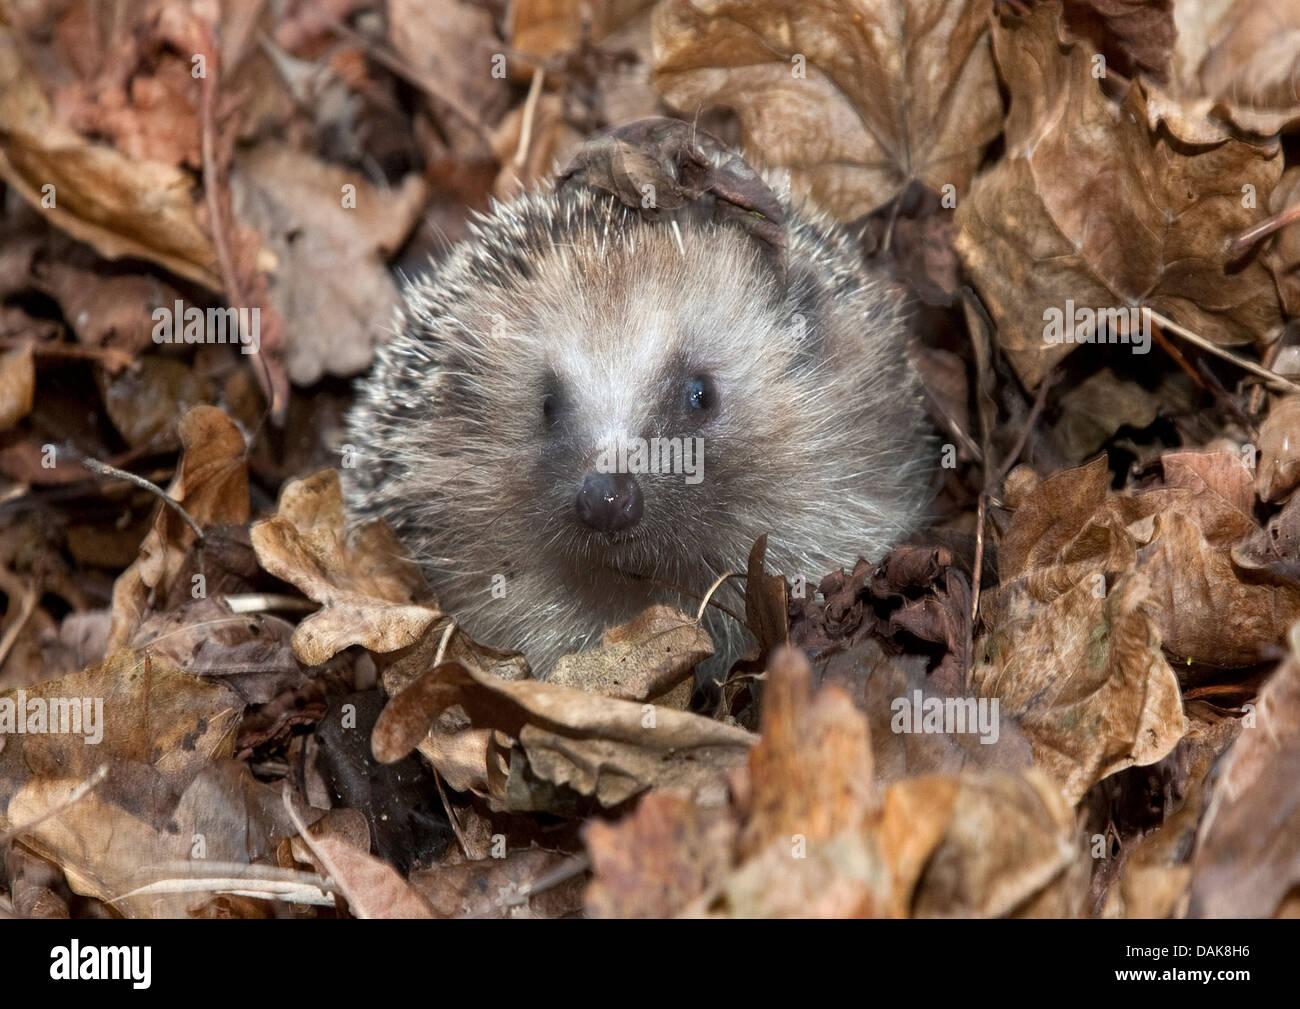 European Hedgehog in leaf pile - Stock Image